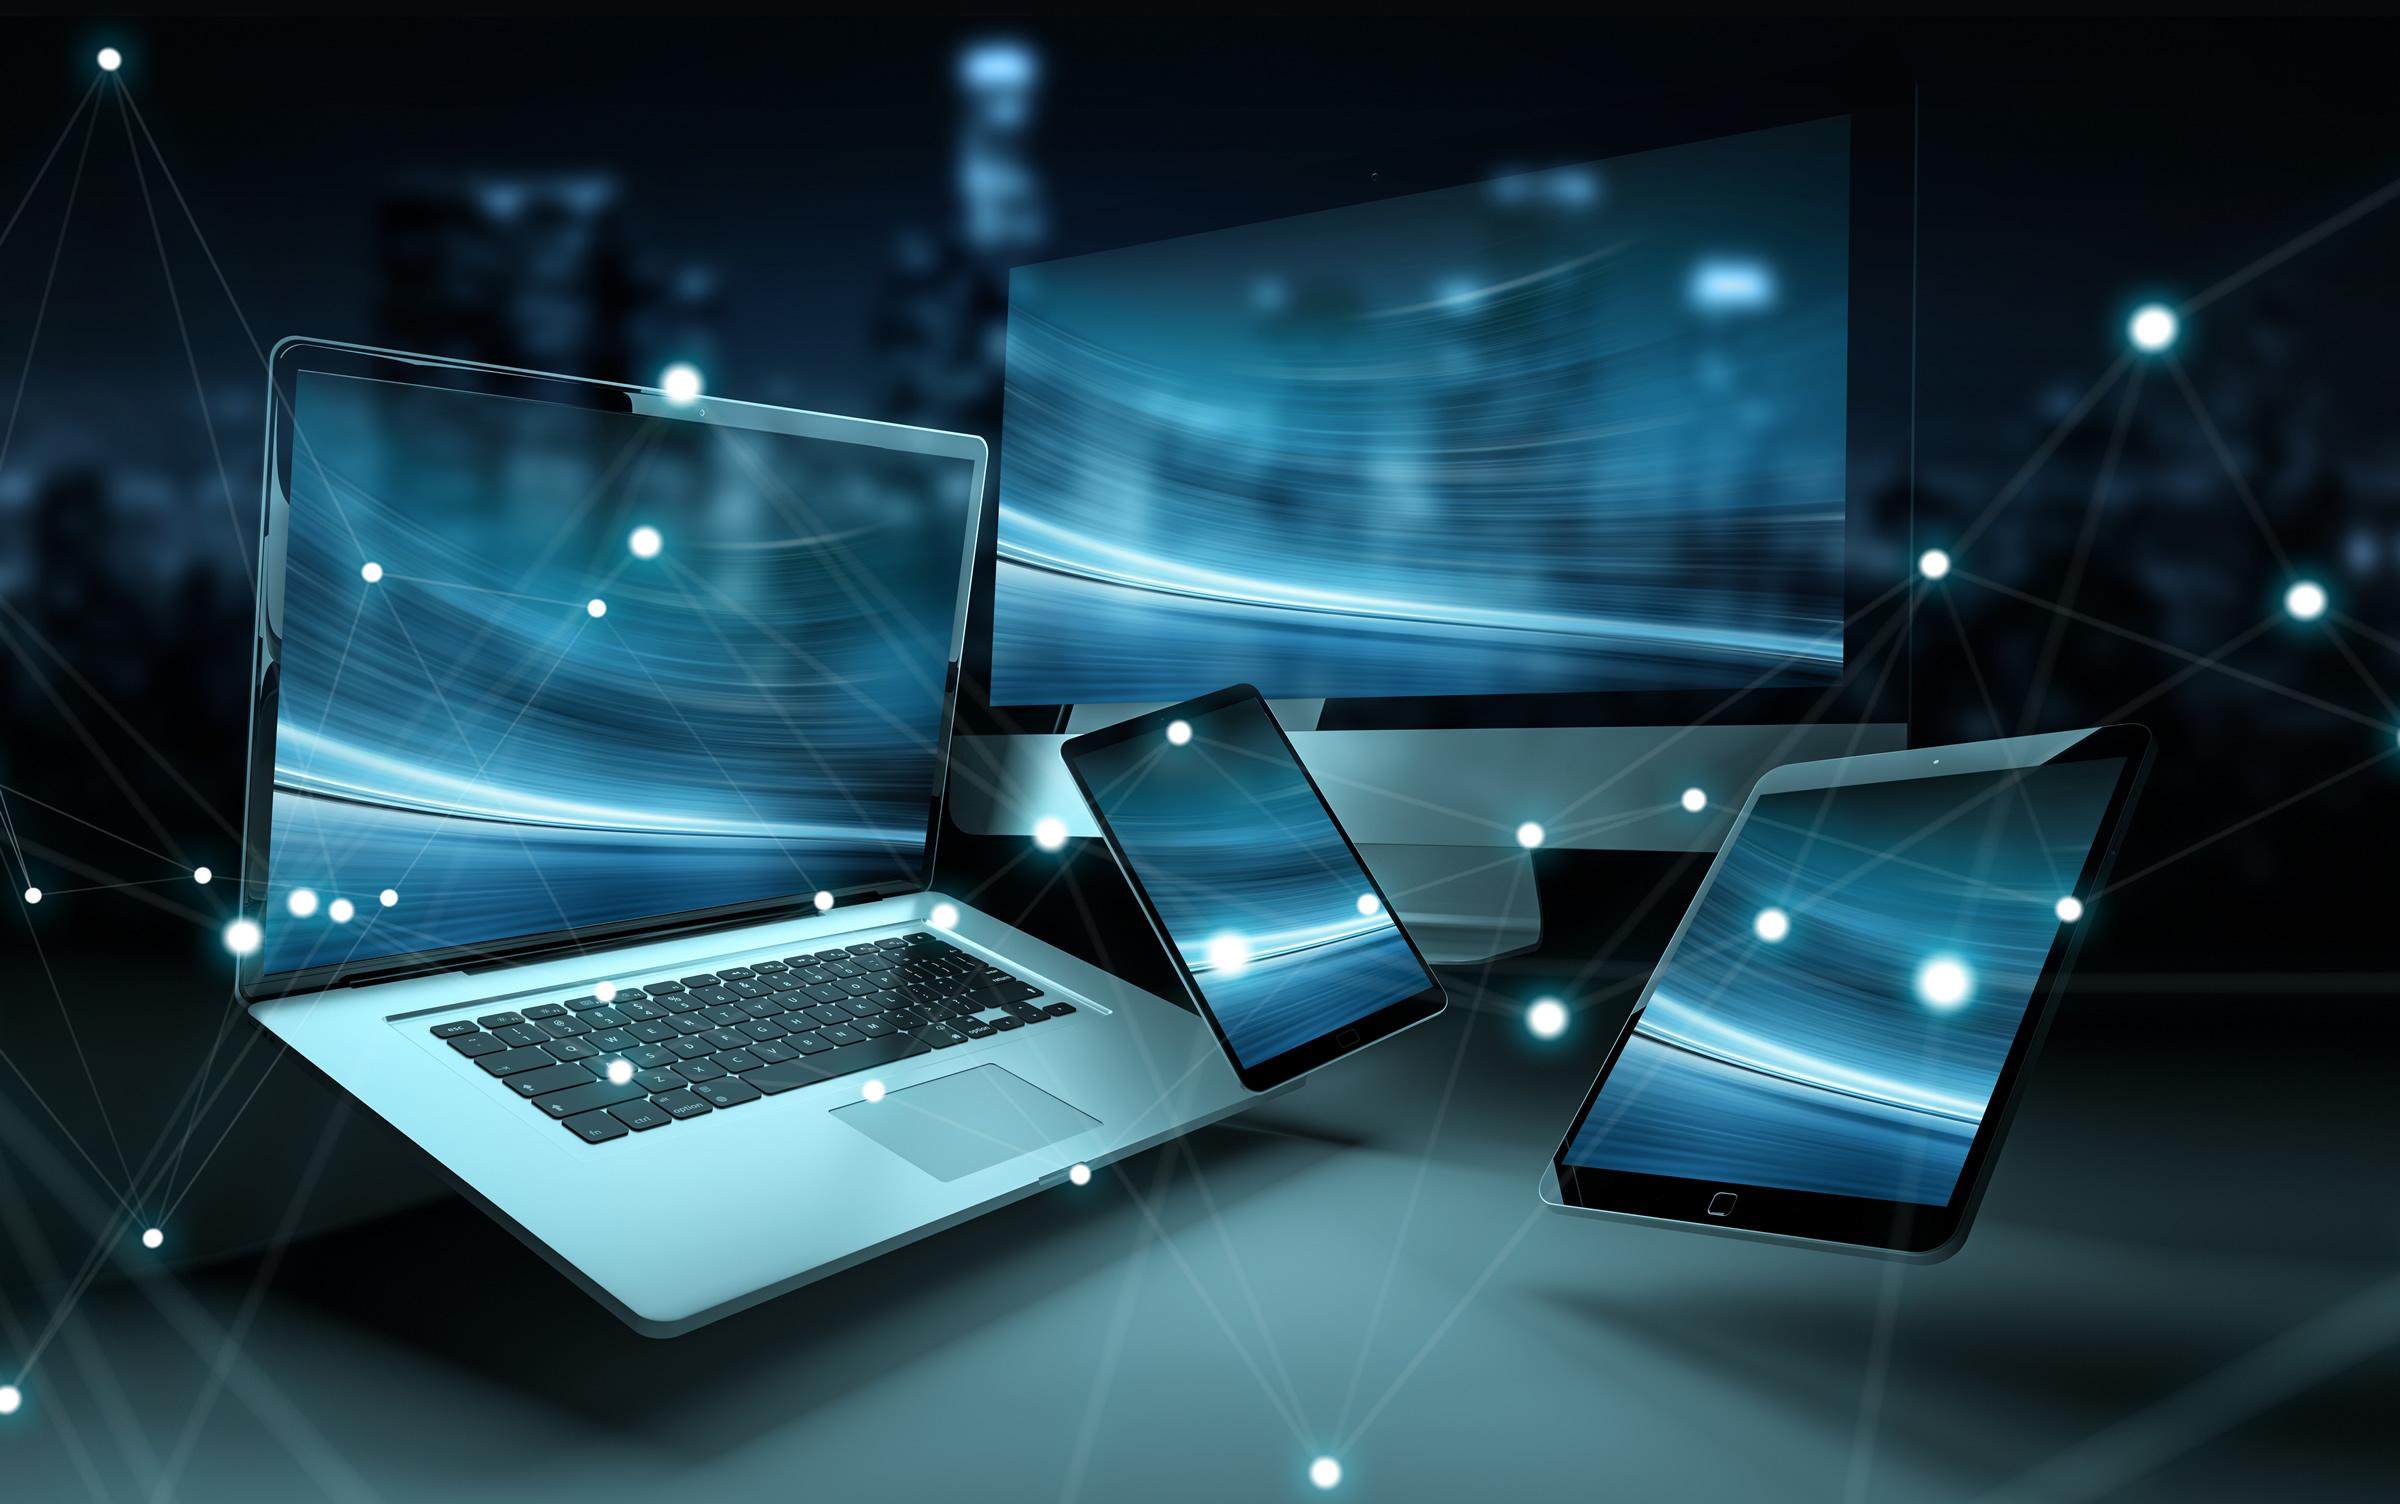 Assurer ses appareils multimédia et objets connectés